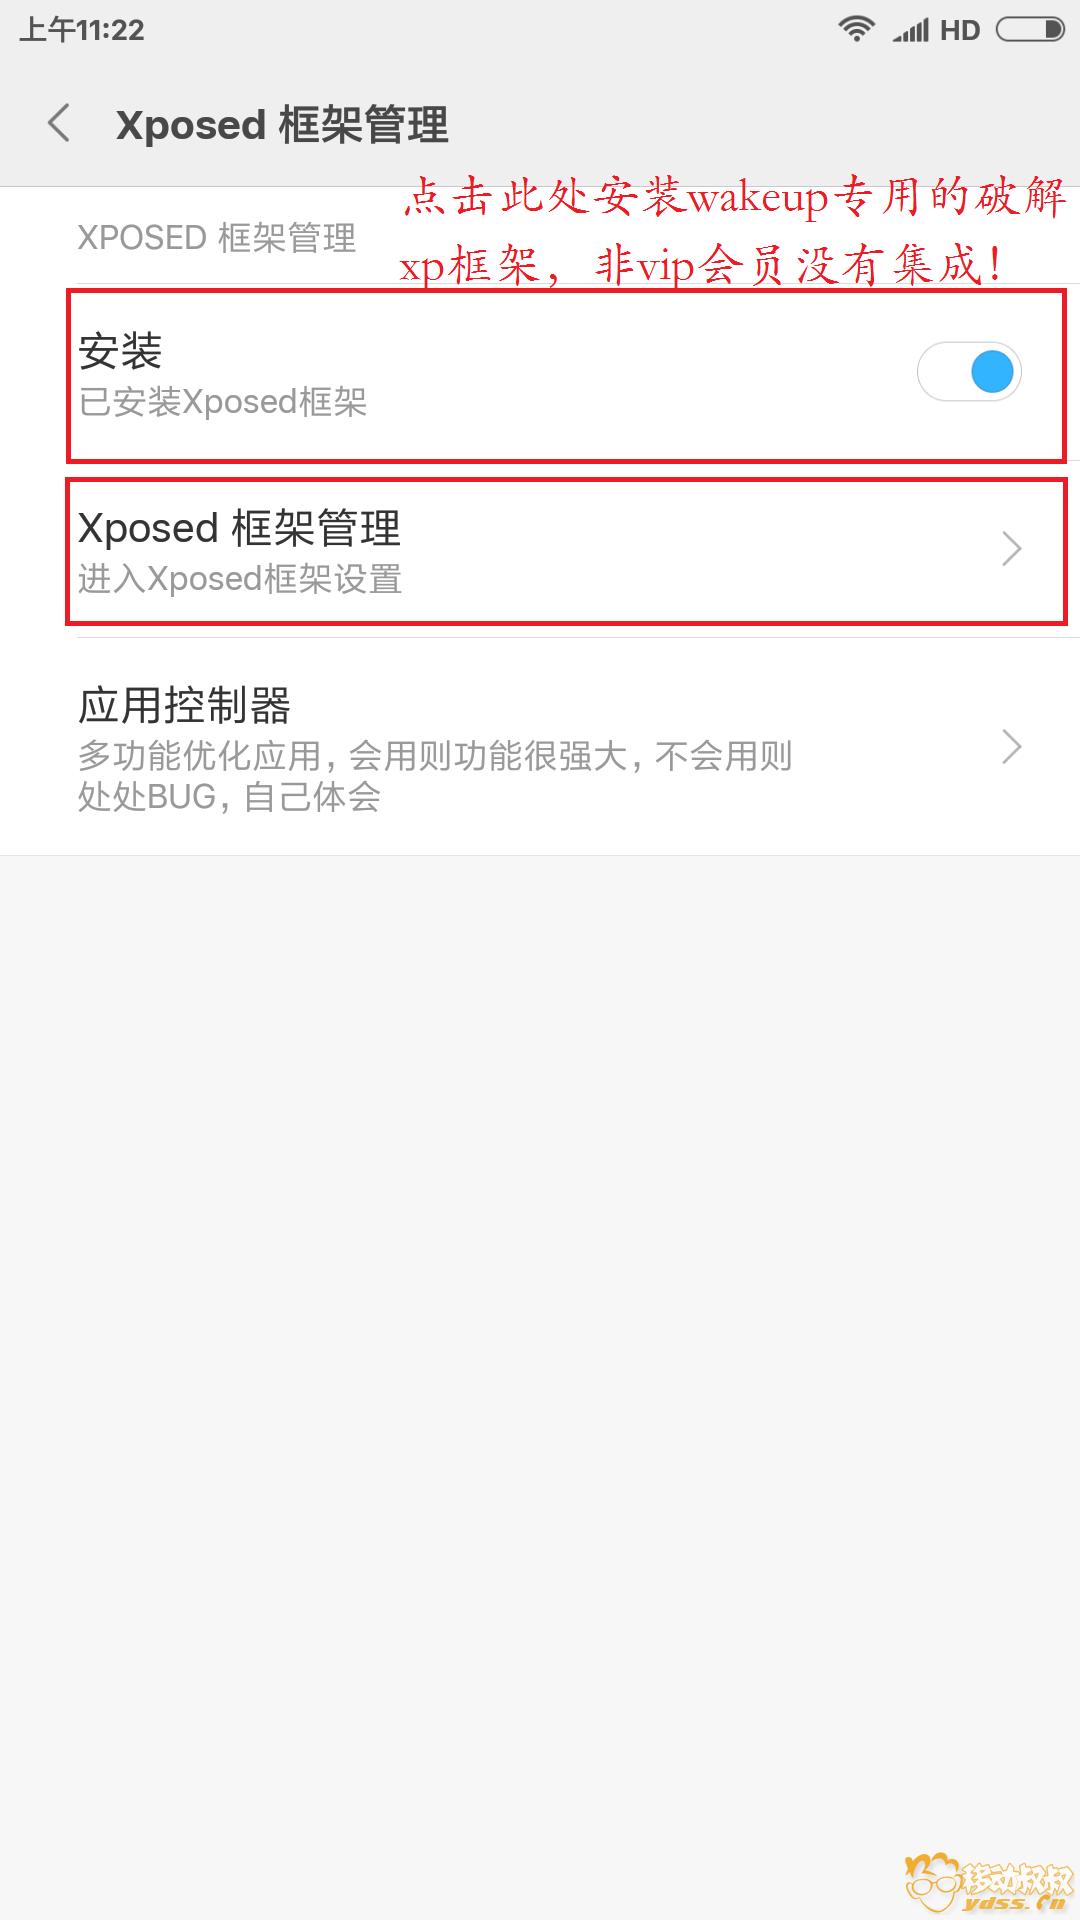 Screenshot_2018-05-04-11-22-59-160_com.r.mi.mgktools.png